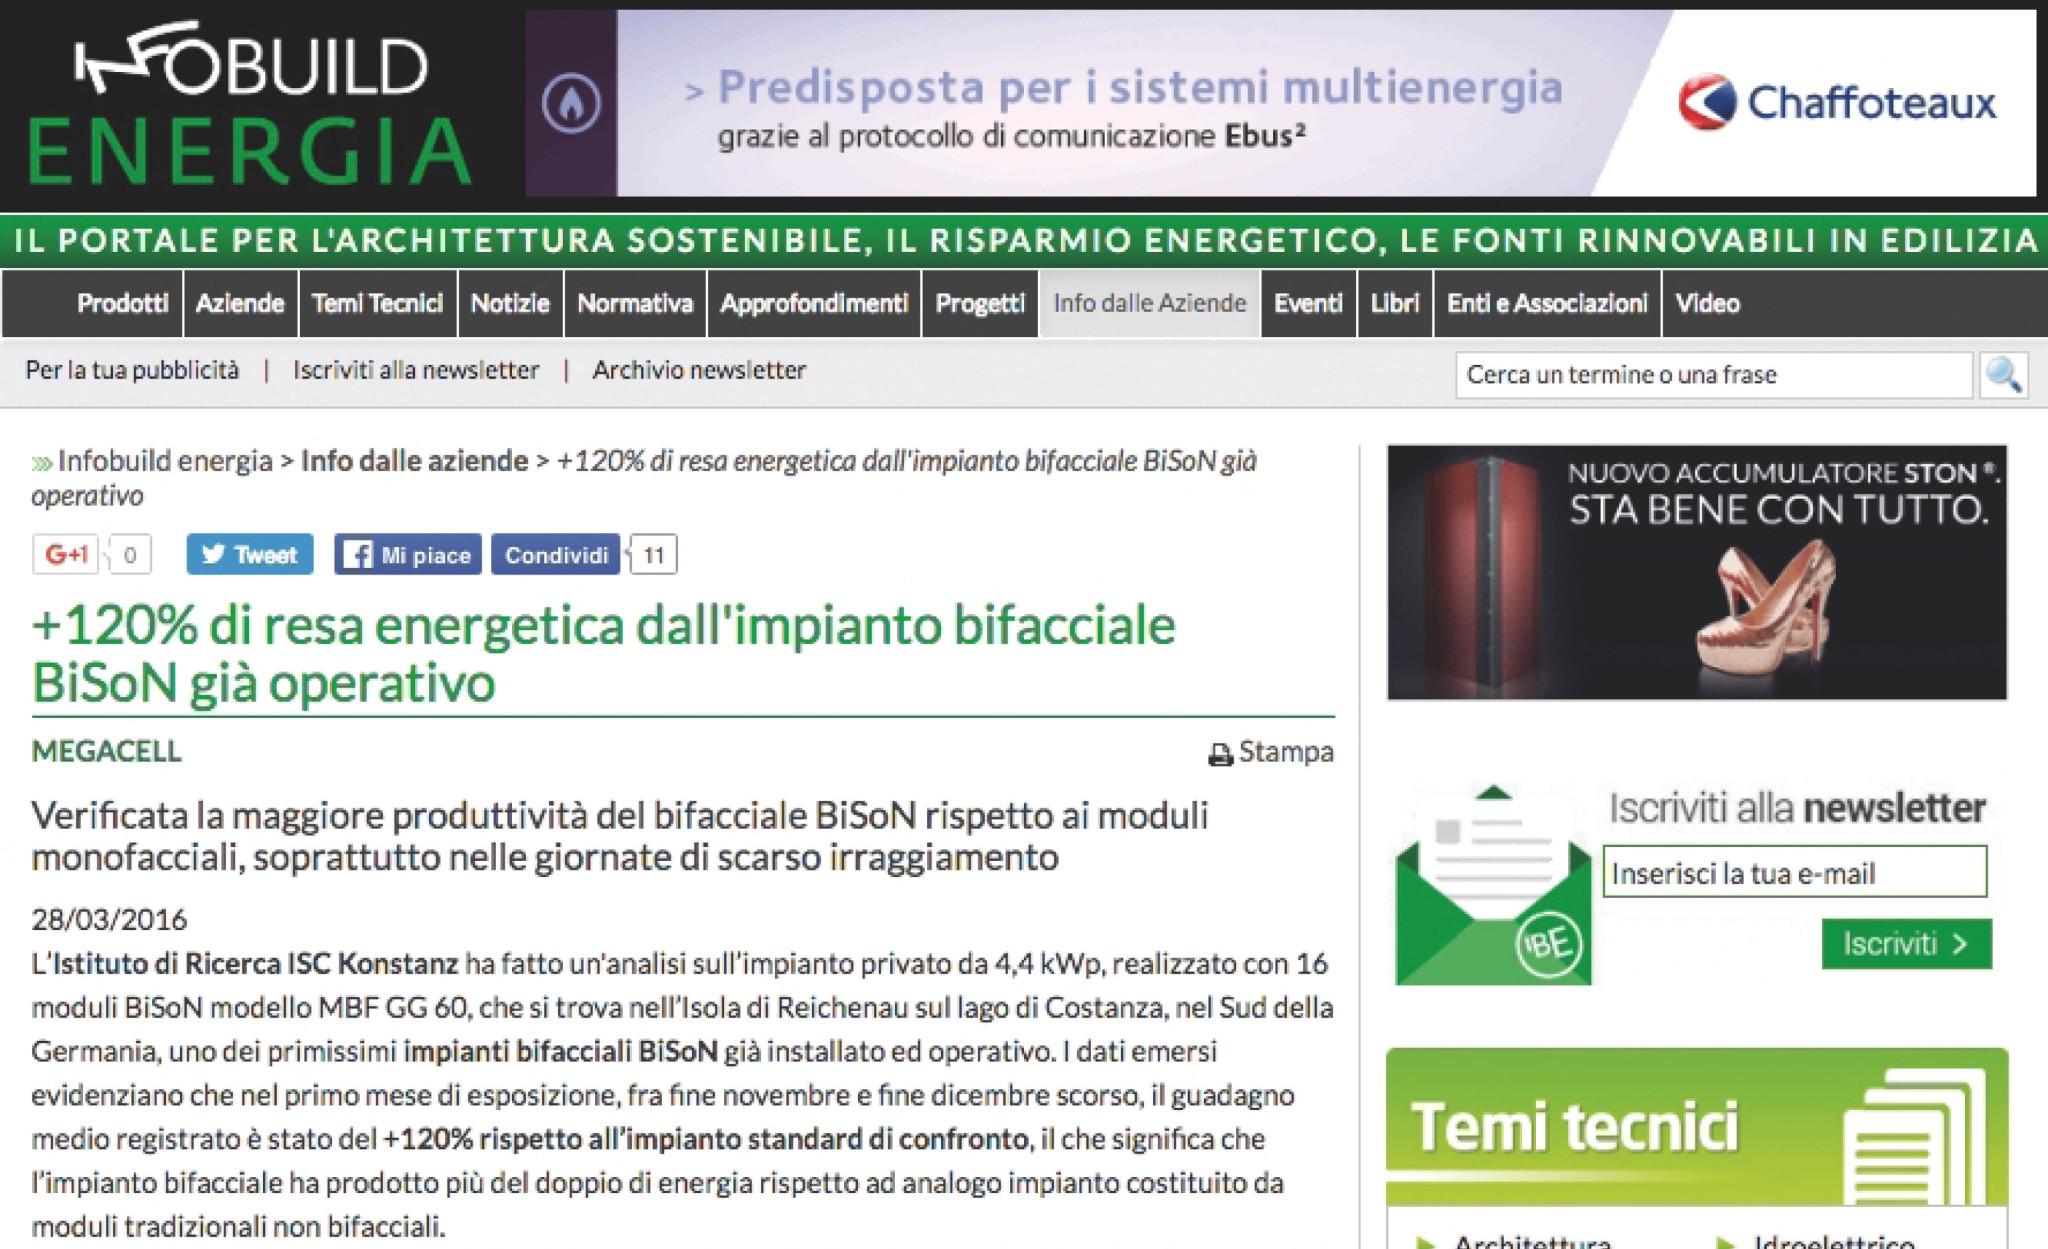 imm_evid_03-16-infobuild_energia_120percento